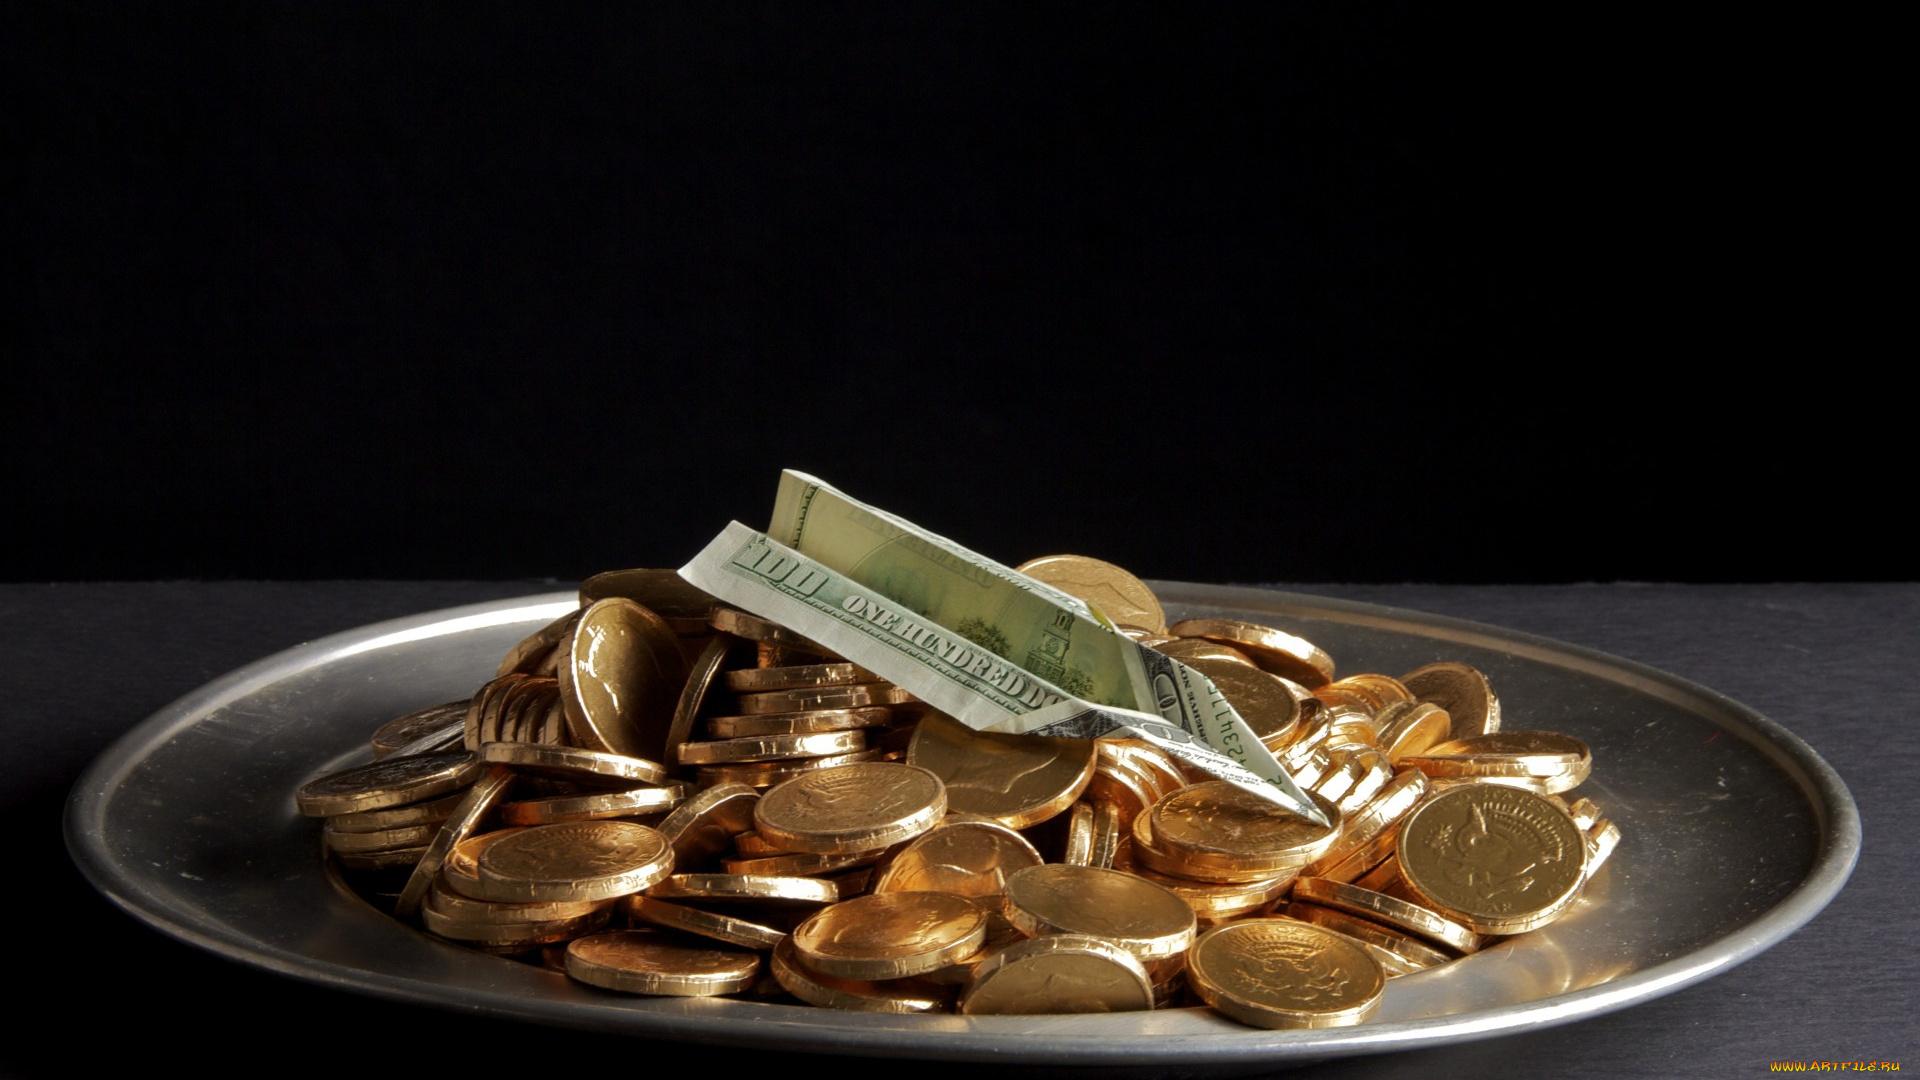 картинки деньги на комп положил теплую ладонь